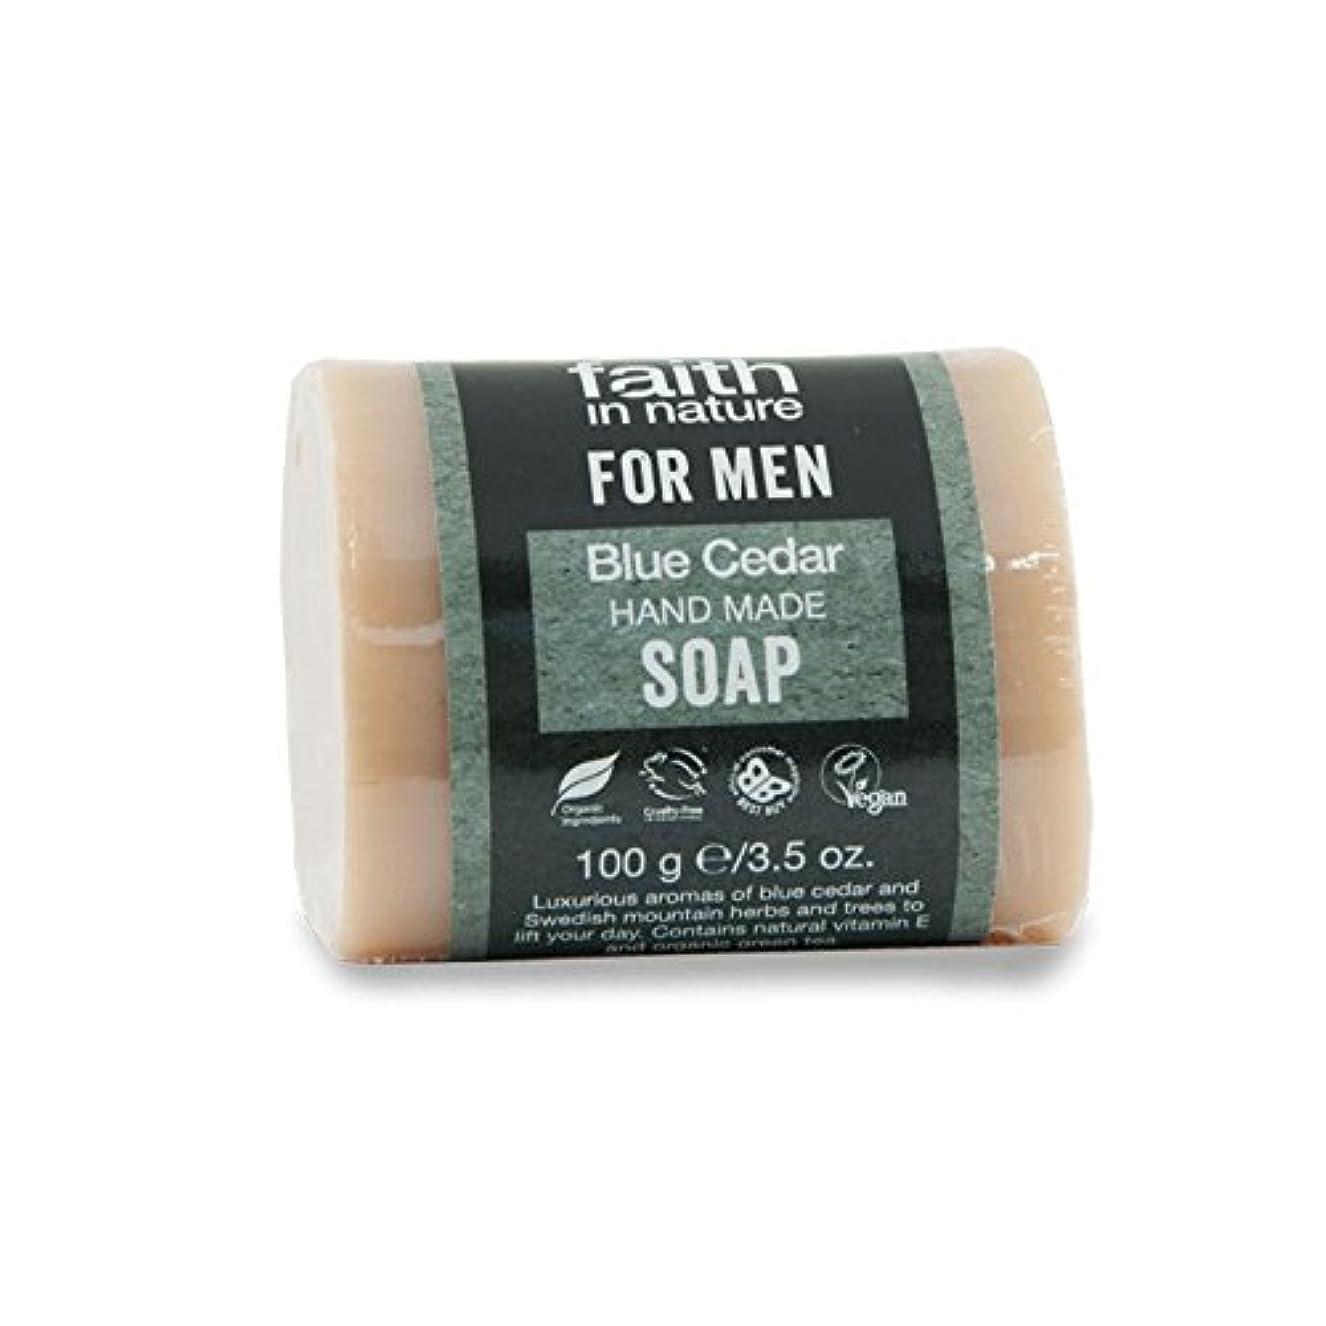 安いです少し敬意を表してFaith in Nature for Men Blue Cedar Soap 100g (Pack of 6) - 男性青杉の石鹸100グラムのための自然の中で信仰 (x6) [並行輸入品]